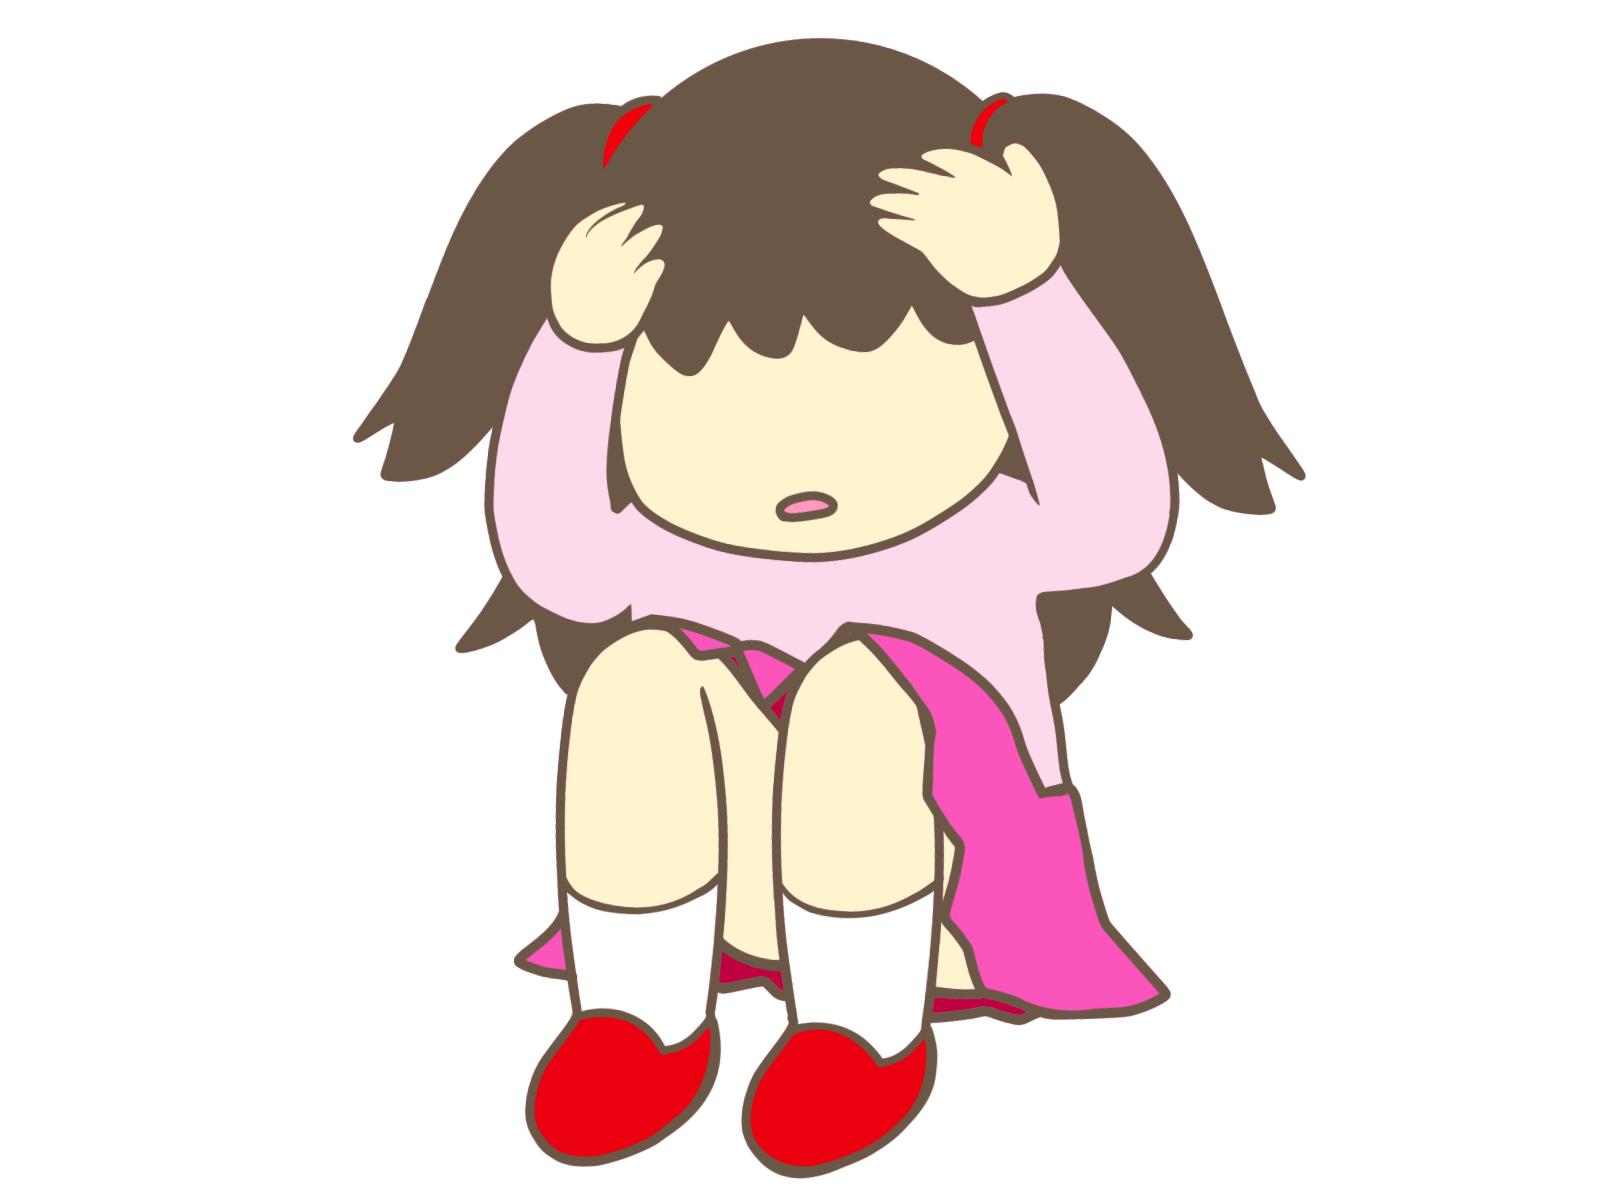 発達障害者が子育てをする際に気を付けること。児童虐待を防ぐために